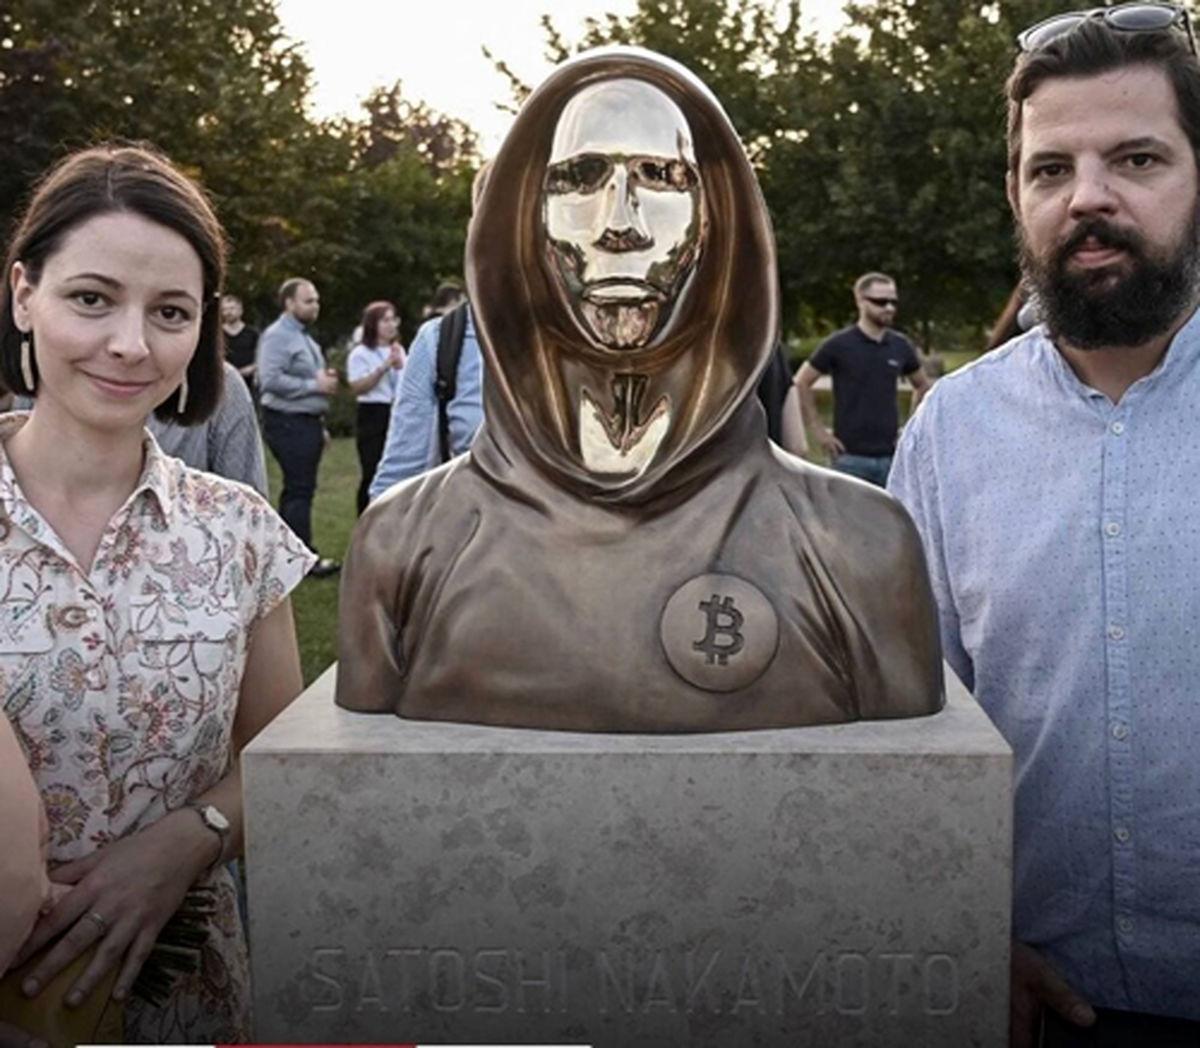 رونمایی از مجسمه خالق بیتکوین در مجارستان